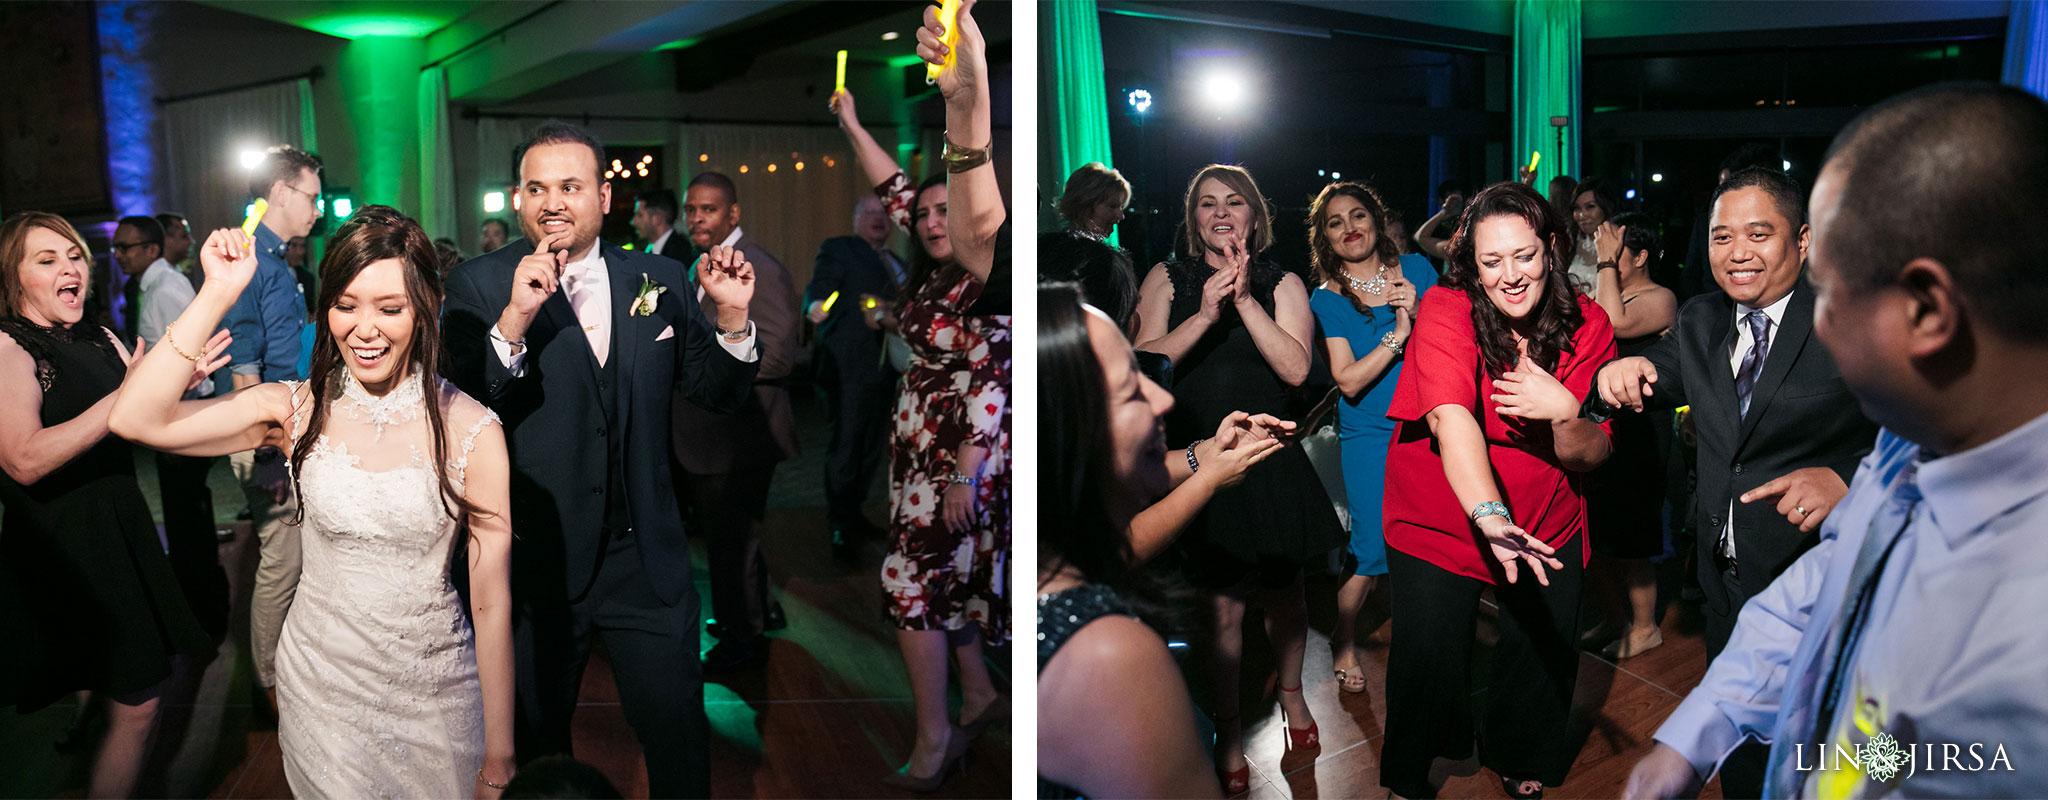 31 Bel Air Bay Club Los Angeles Wedding Photography